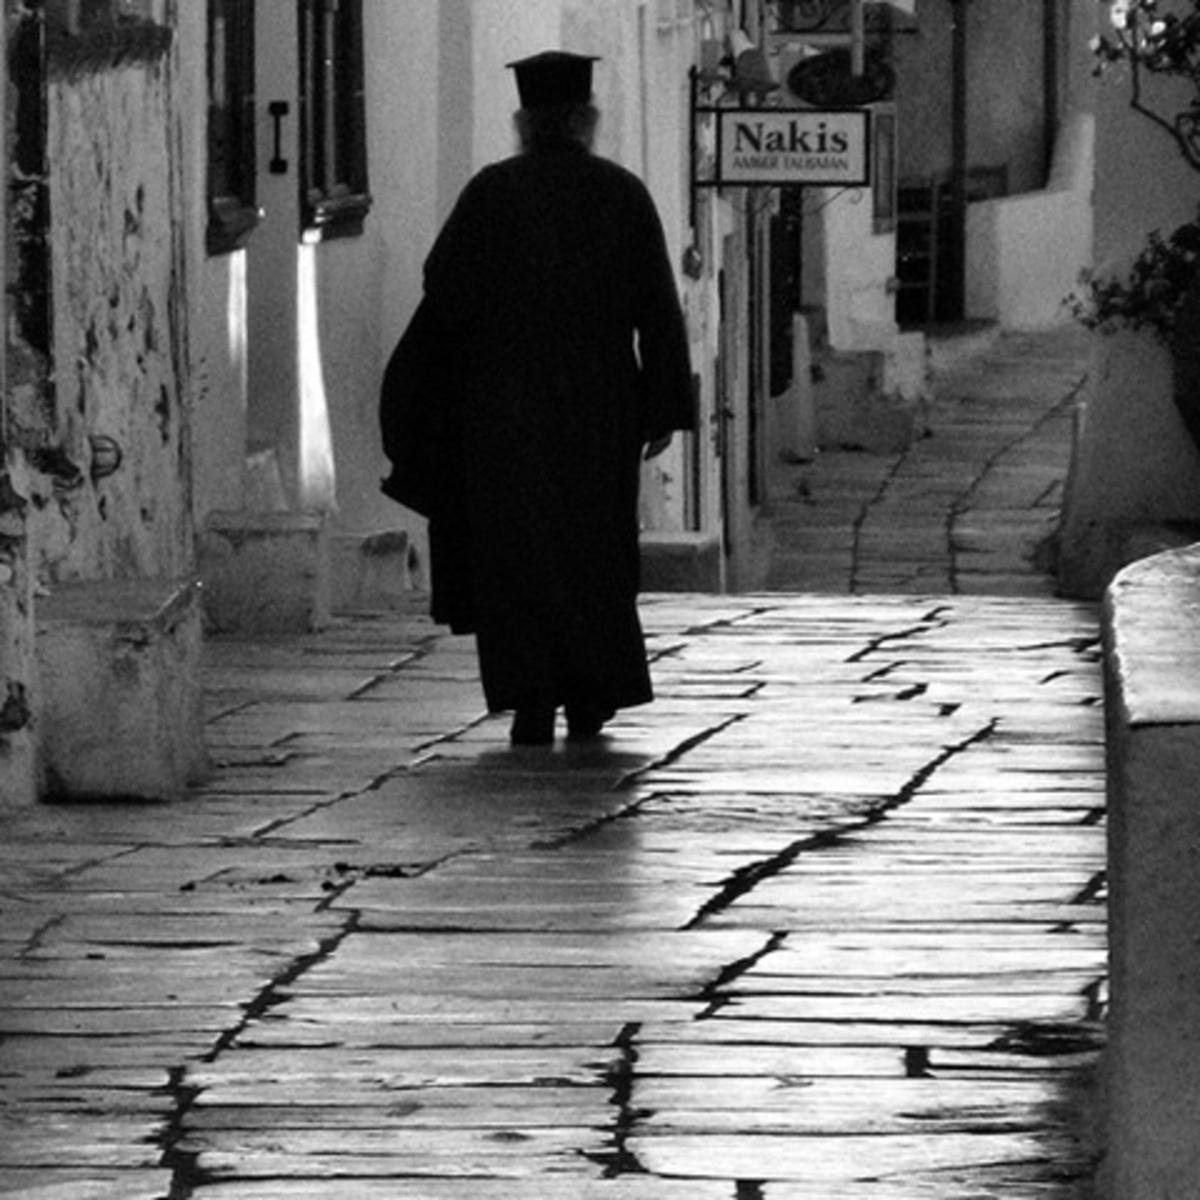 Κρήτη: Καλόγερος άφησε έγκυο γυναίκα και επέστρεψε στα εγκόσμια! | Newsit.gr